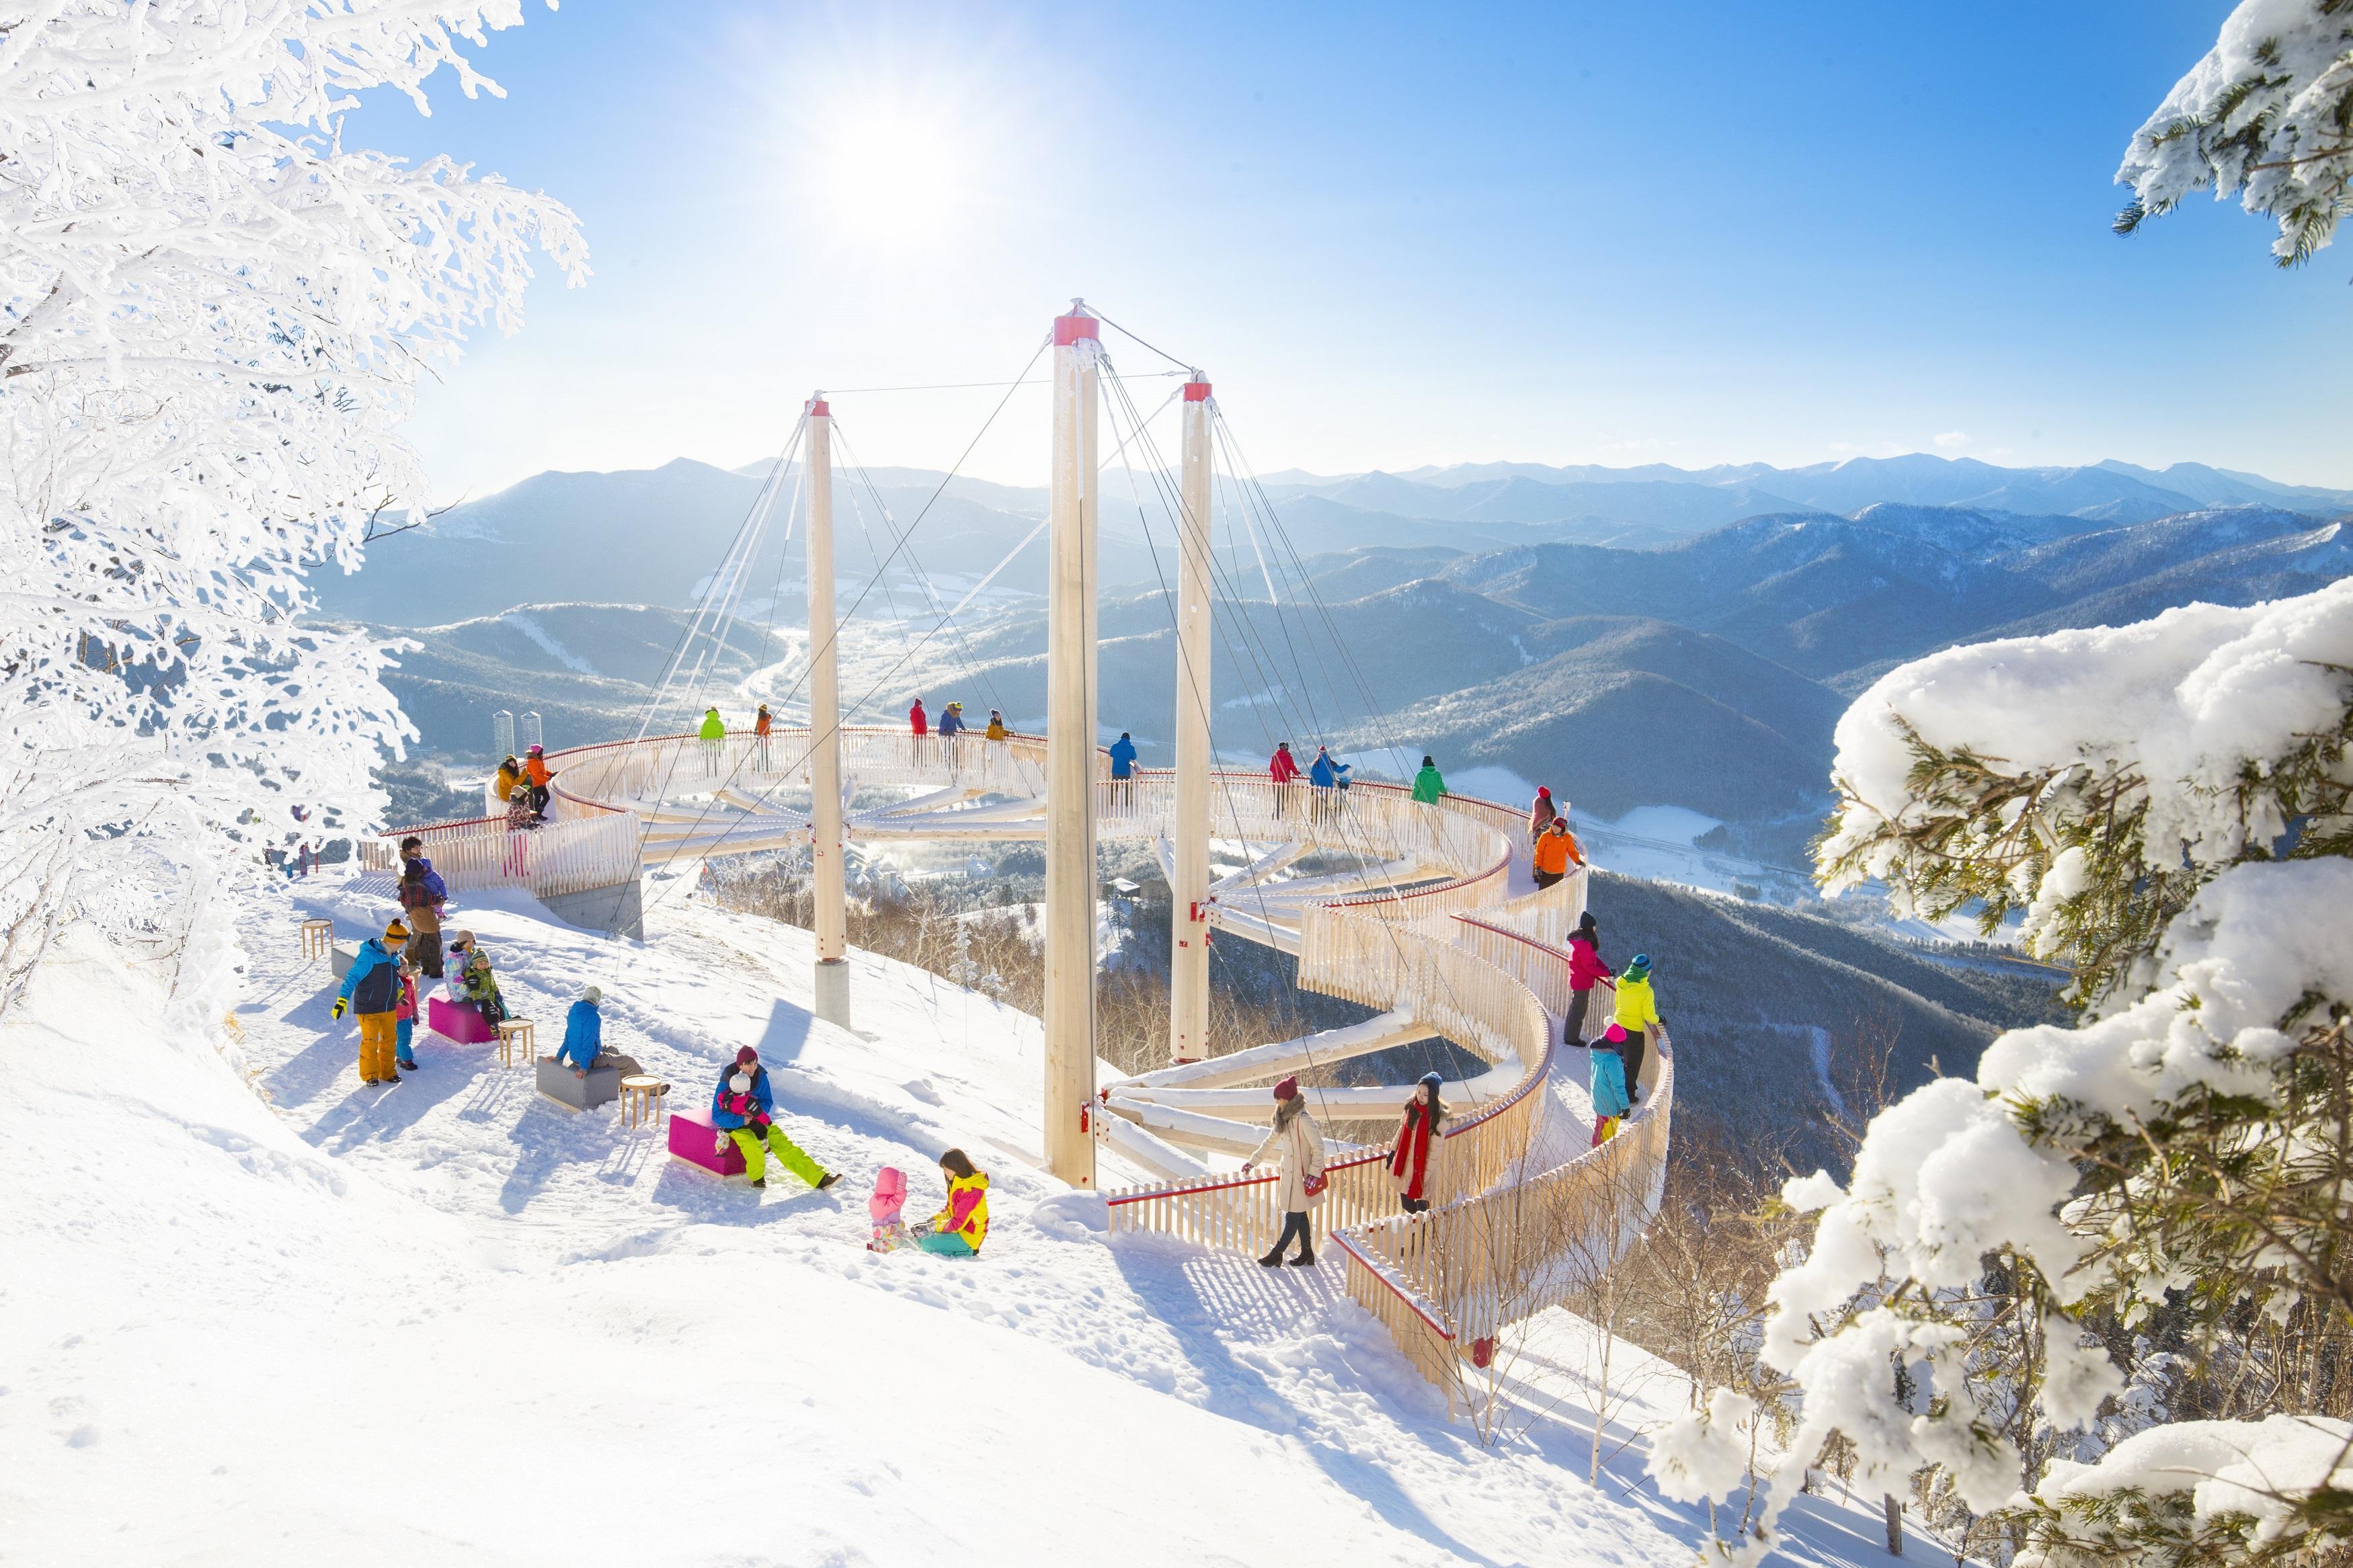 北海道/トマムで働こう!リゾートバイト・スキー場バイトの魅力が全て詰まってます!